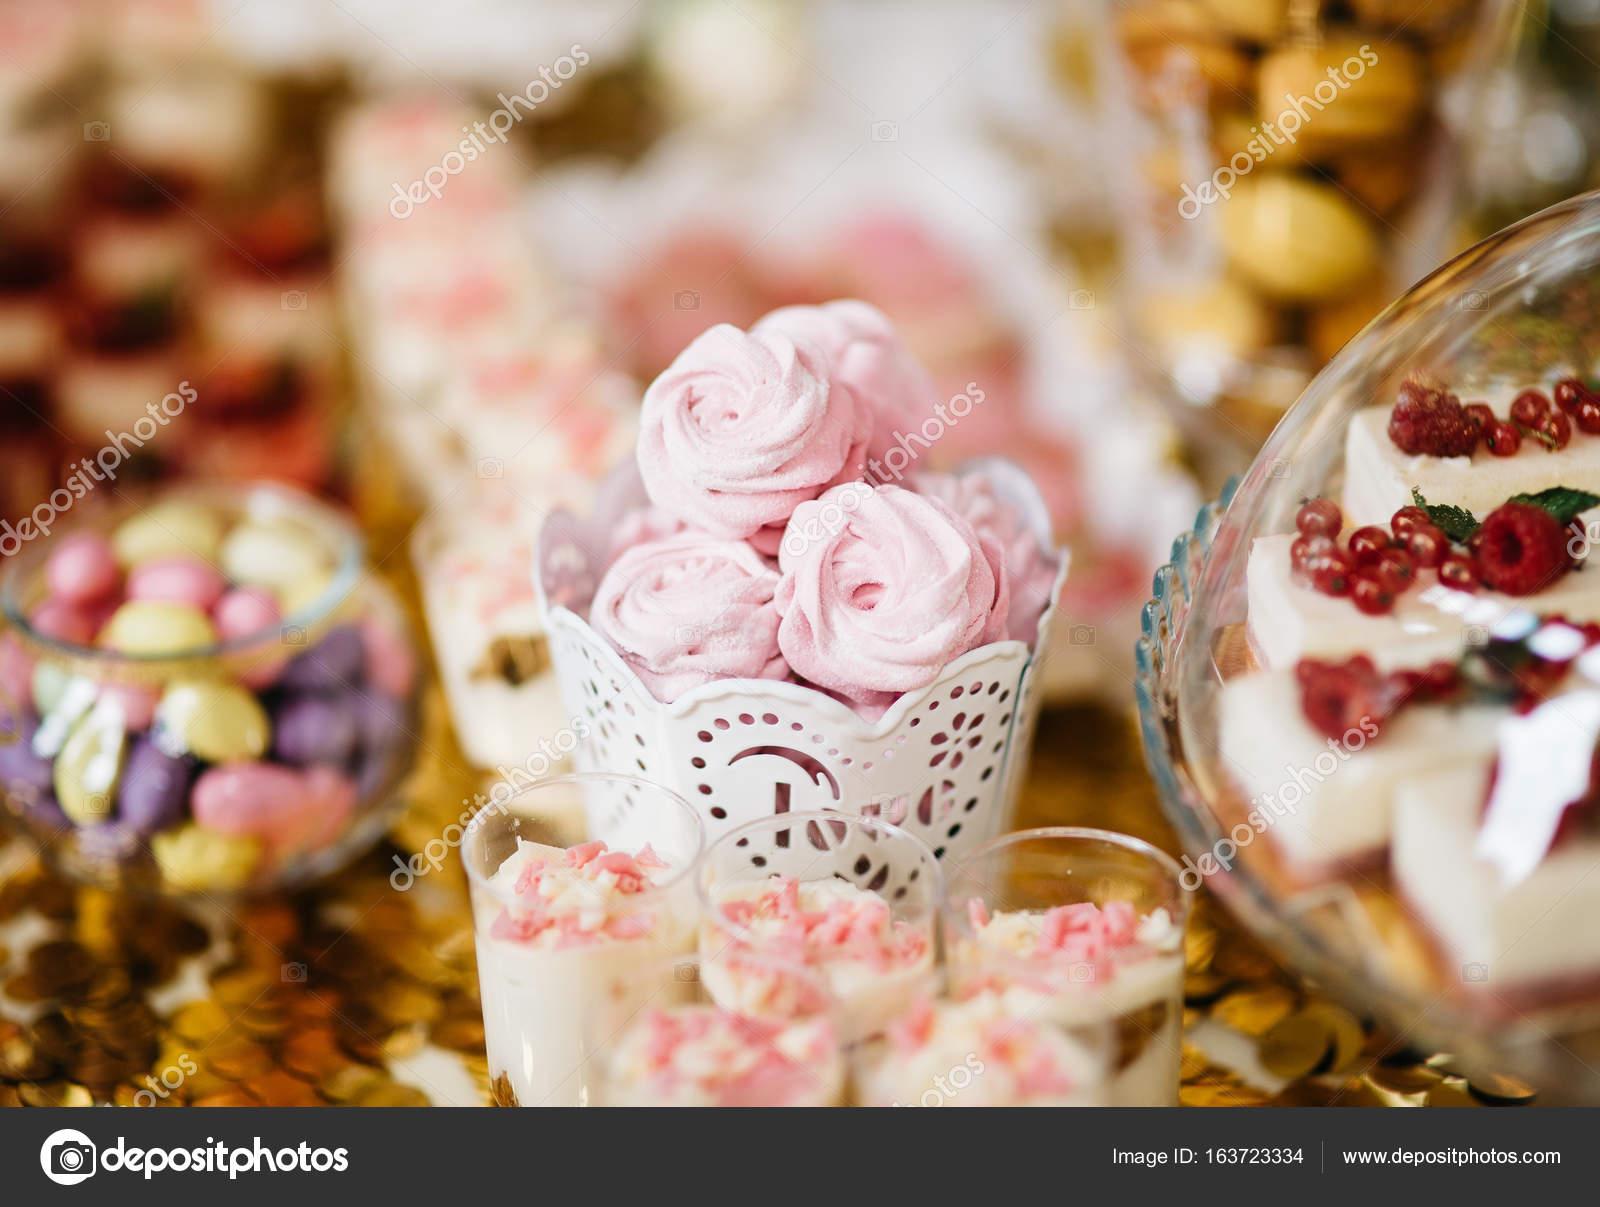 Delicious Wedding Reception Candy Bar Stock Photo Terletskyigor